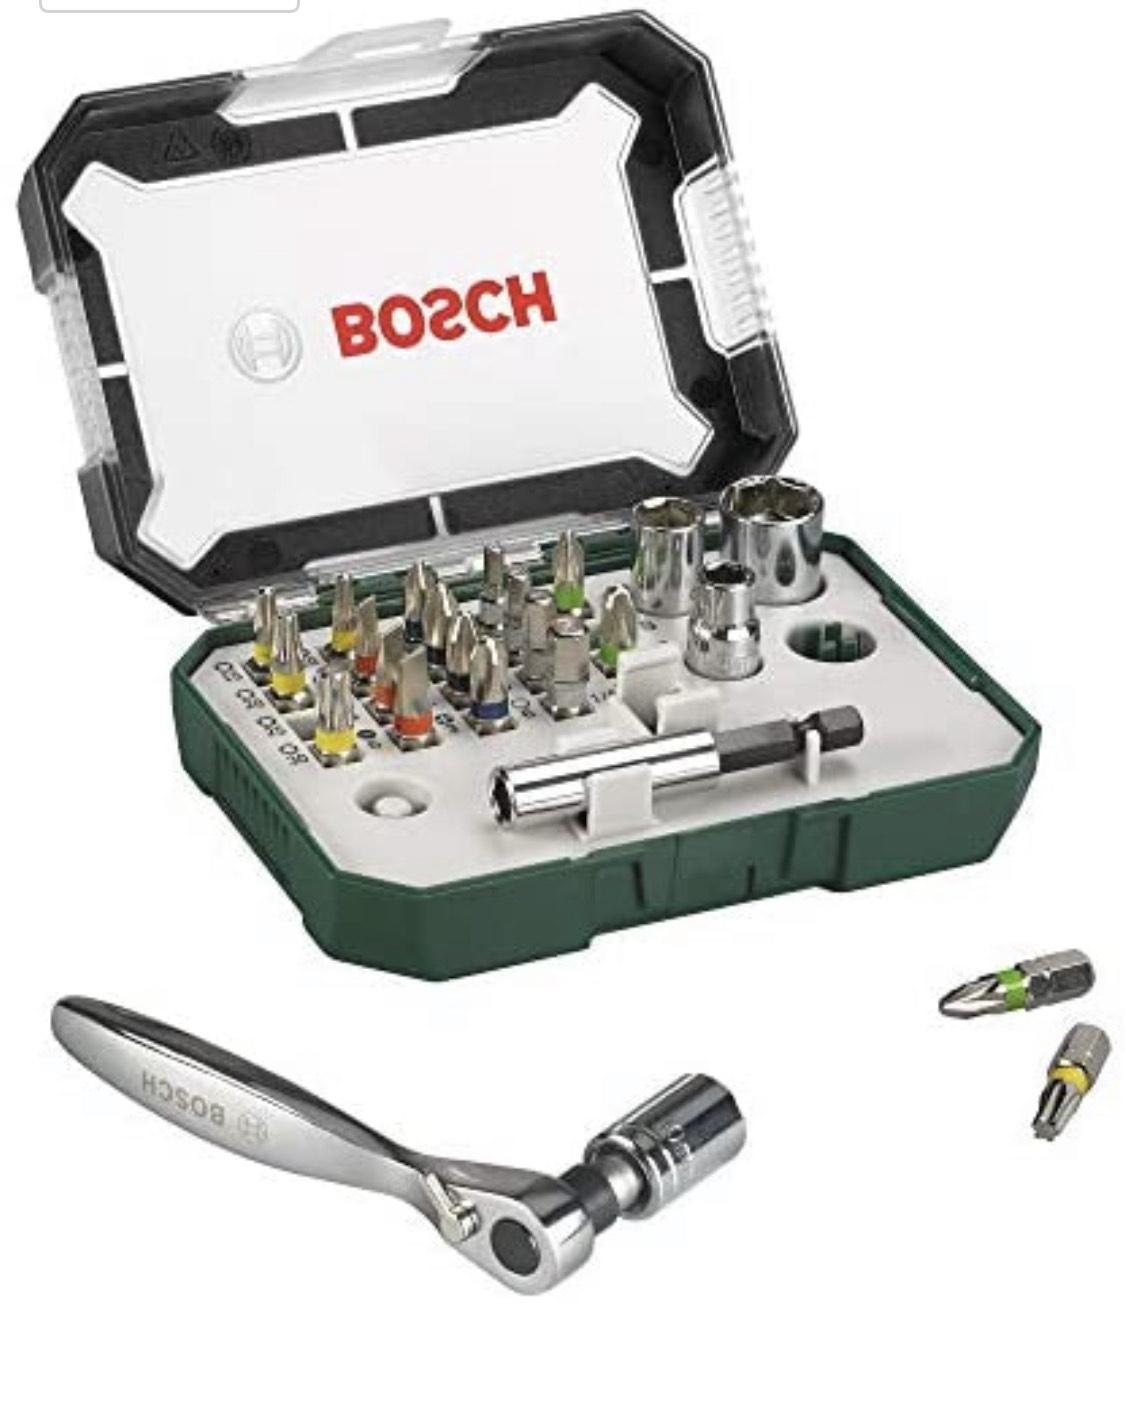 [Prime] Bosch 26tlg. Schrauberbit- und Ratschen-Set